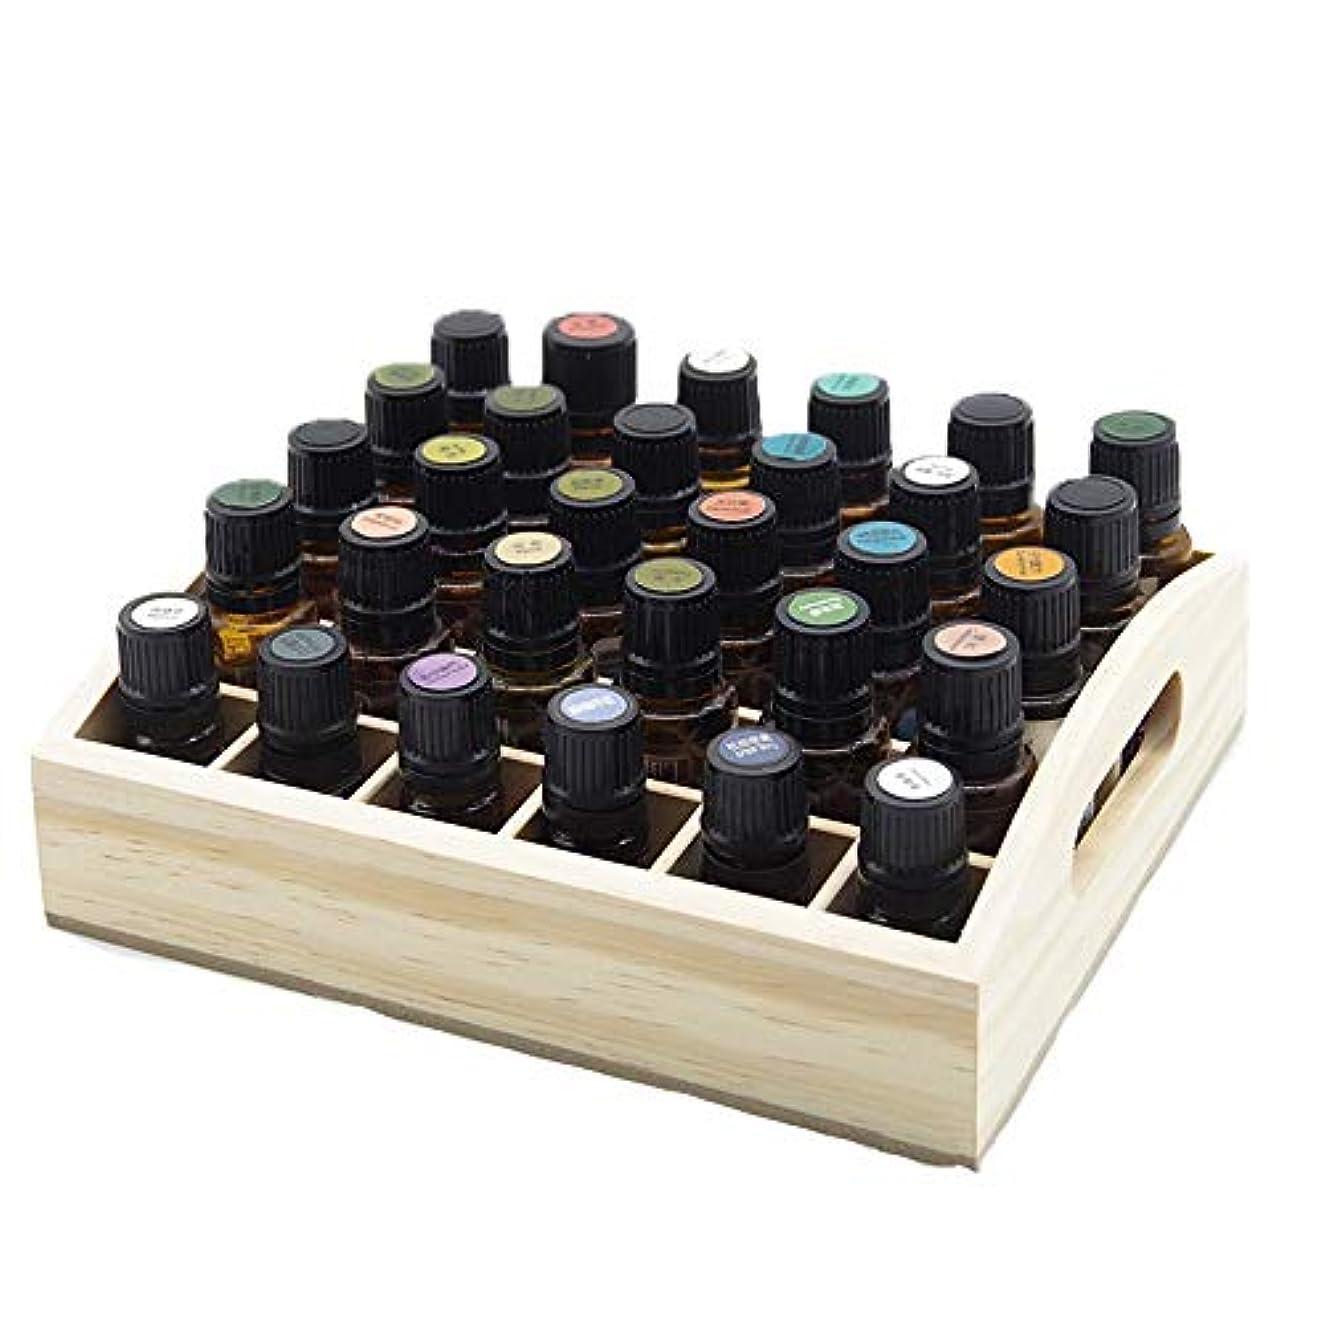 抹消令状申請者30スロット木製エッセンシャルオイルストレージホルダーは、30本のボトルを保持します アロマセラピー製品 (色 : Natural, サイズ : 21.5X18.3X3.5CM)